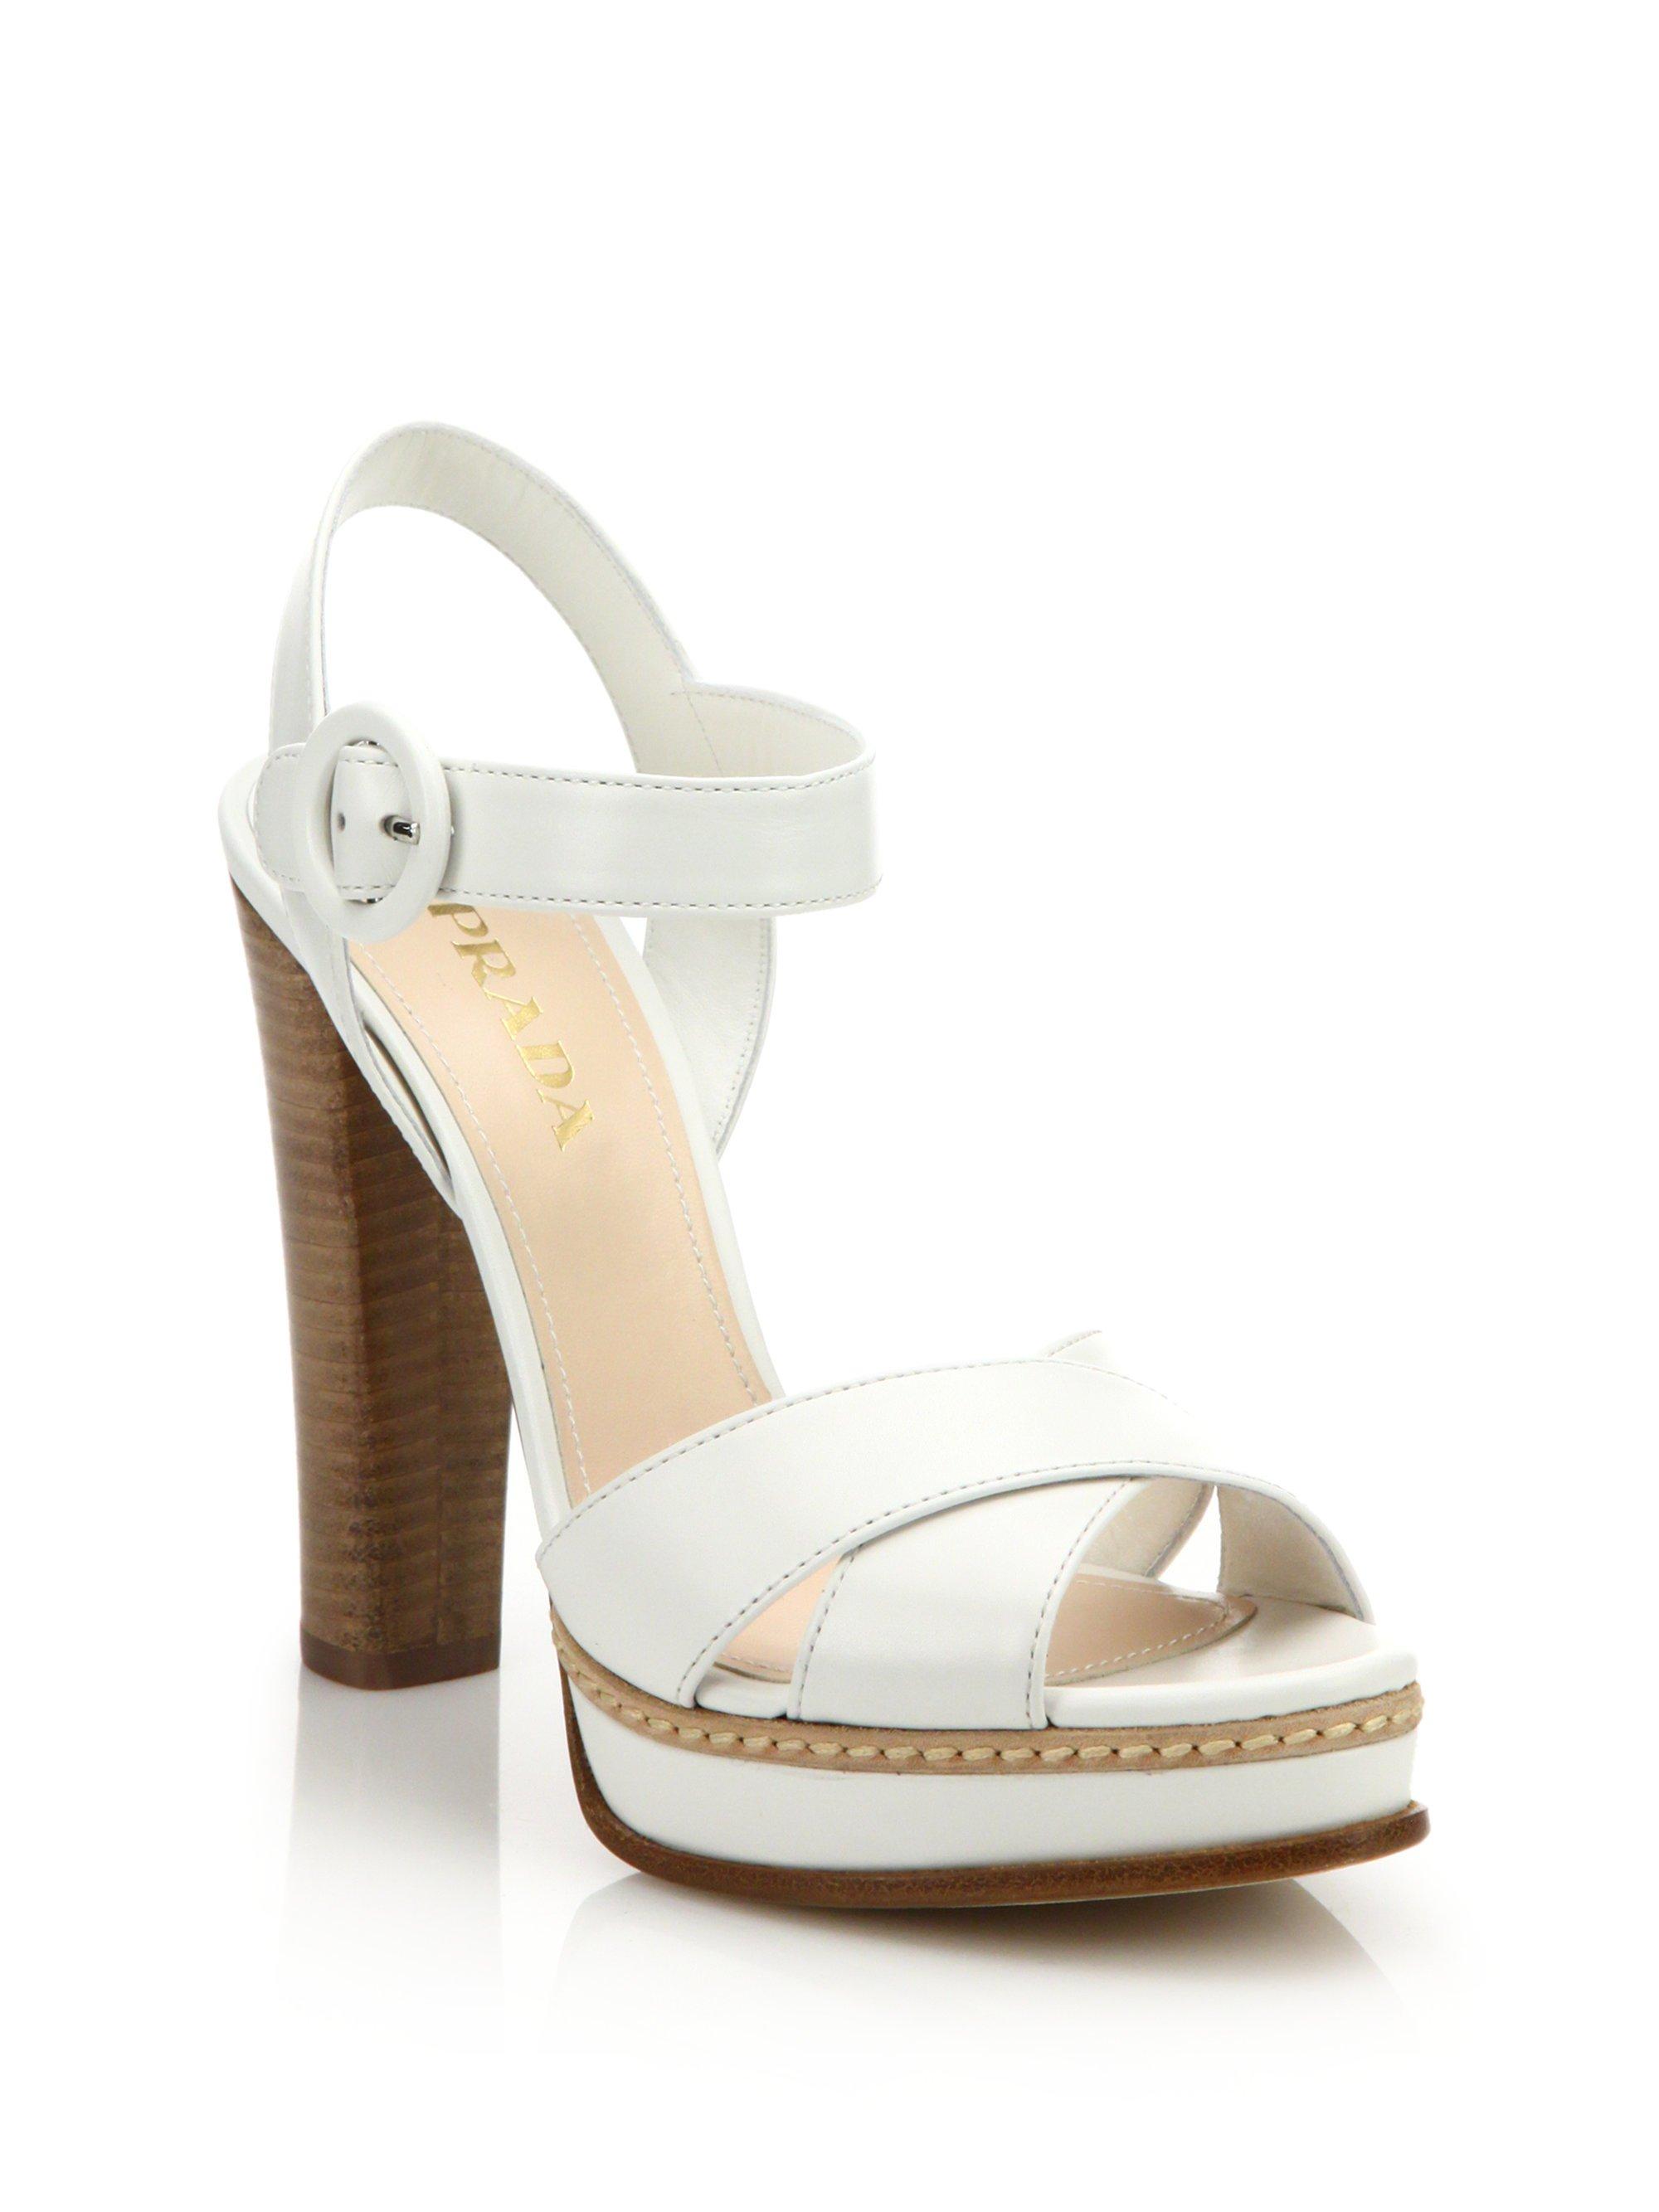 Prada Stacked Heel Leather Platform Sandals In White Lyst